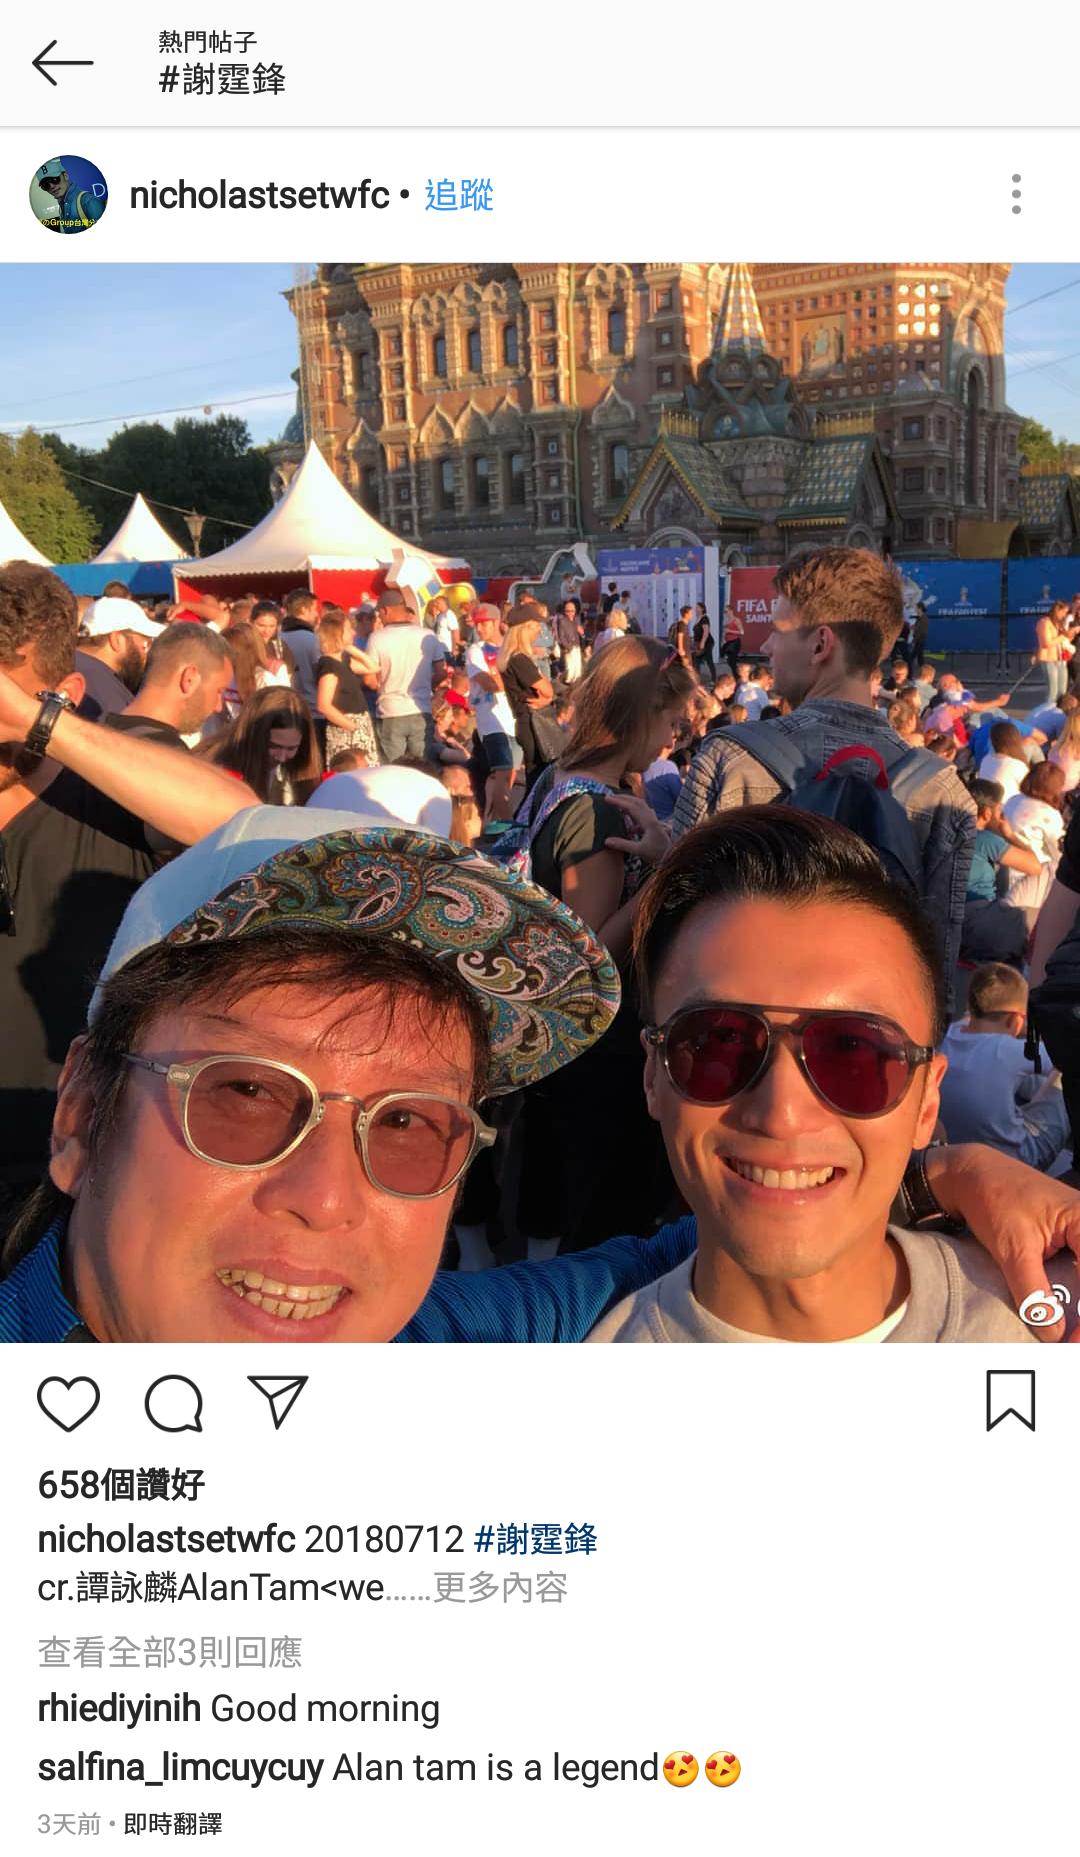 謝霆鋒在俄羅斯拍攝節目,收工後還跟香港藝人譚詠麟見面。